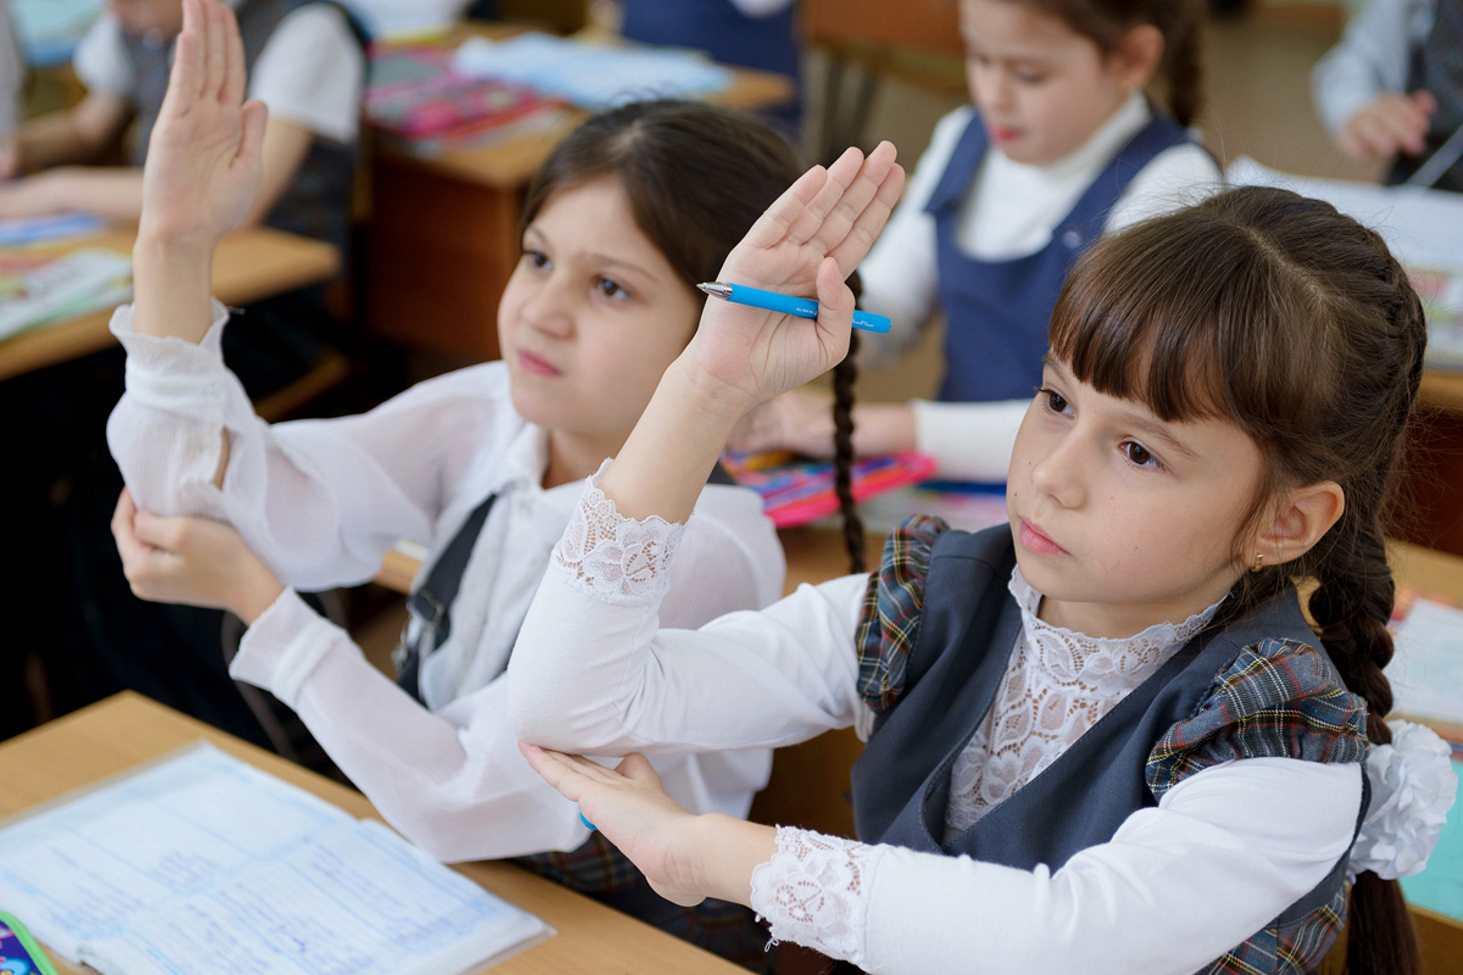 rosobrnadzor-obsuzhdaet-ideyu-izmenit-sistemu-otsenok-v-shkole